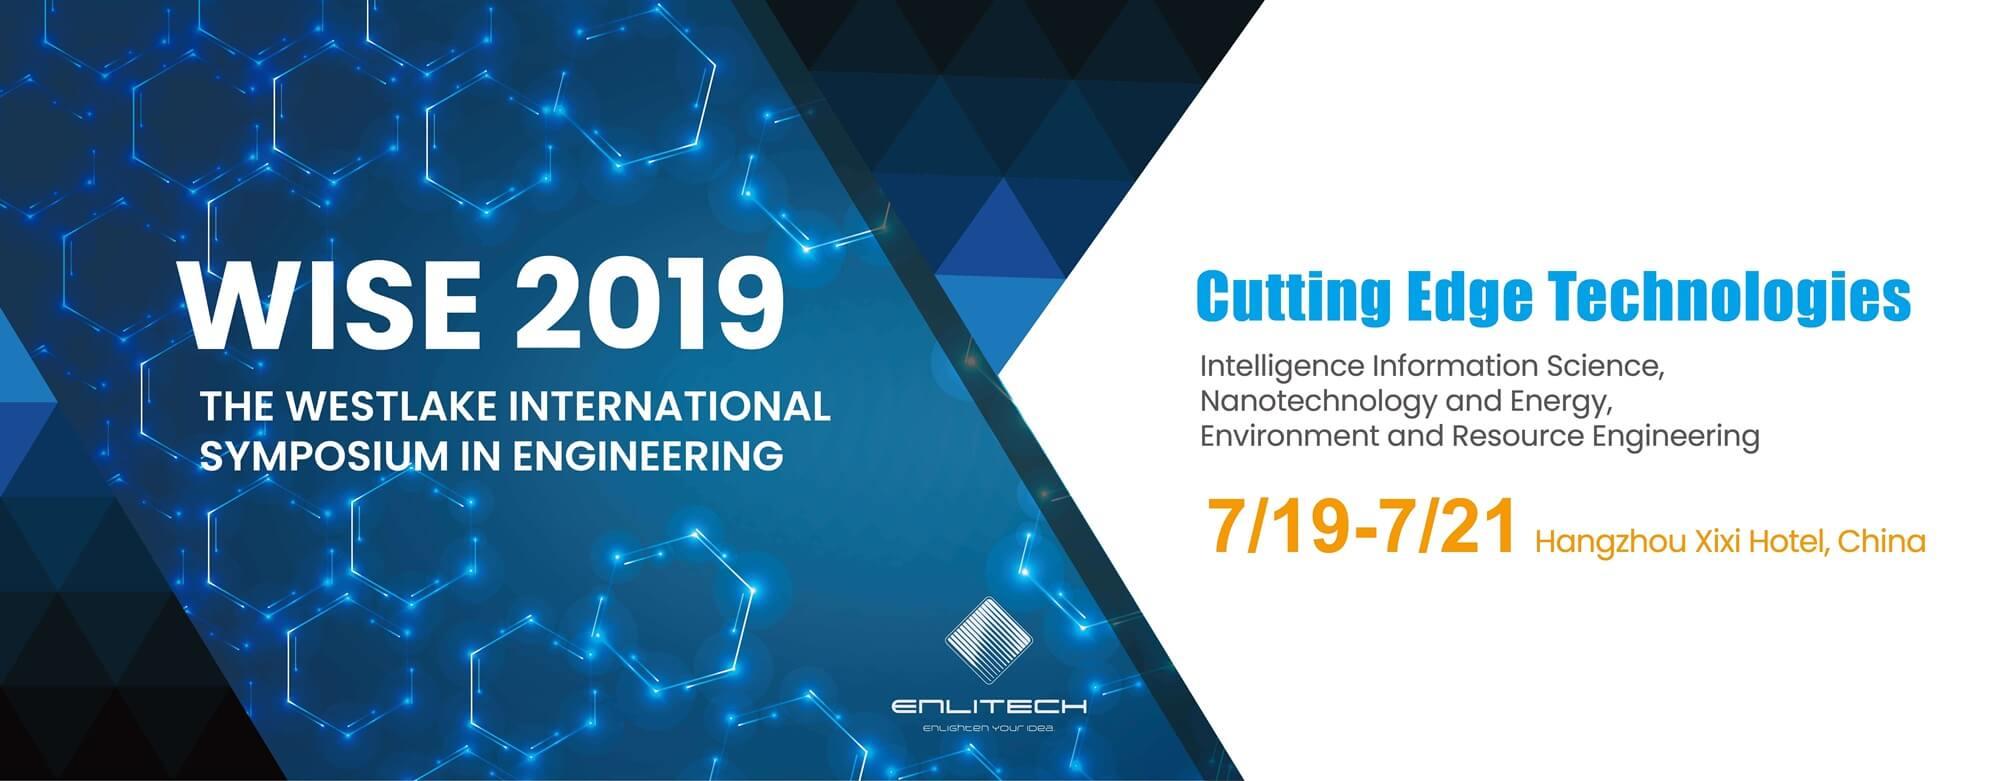 Westlake International Symposium in Engineering WISE2019